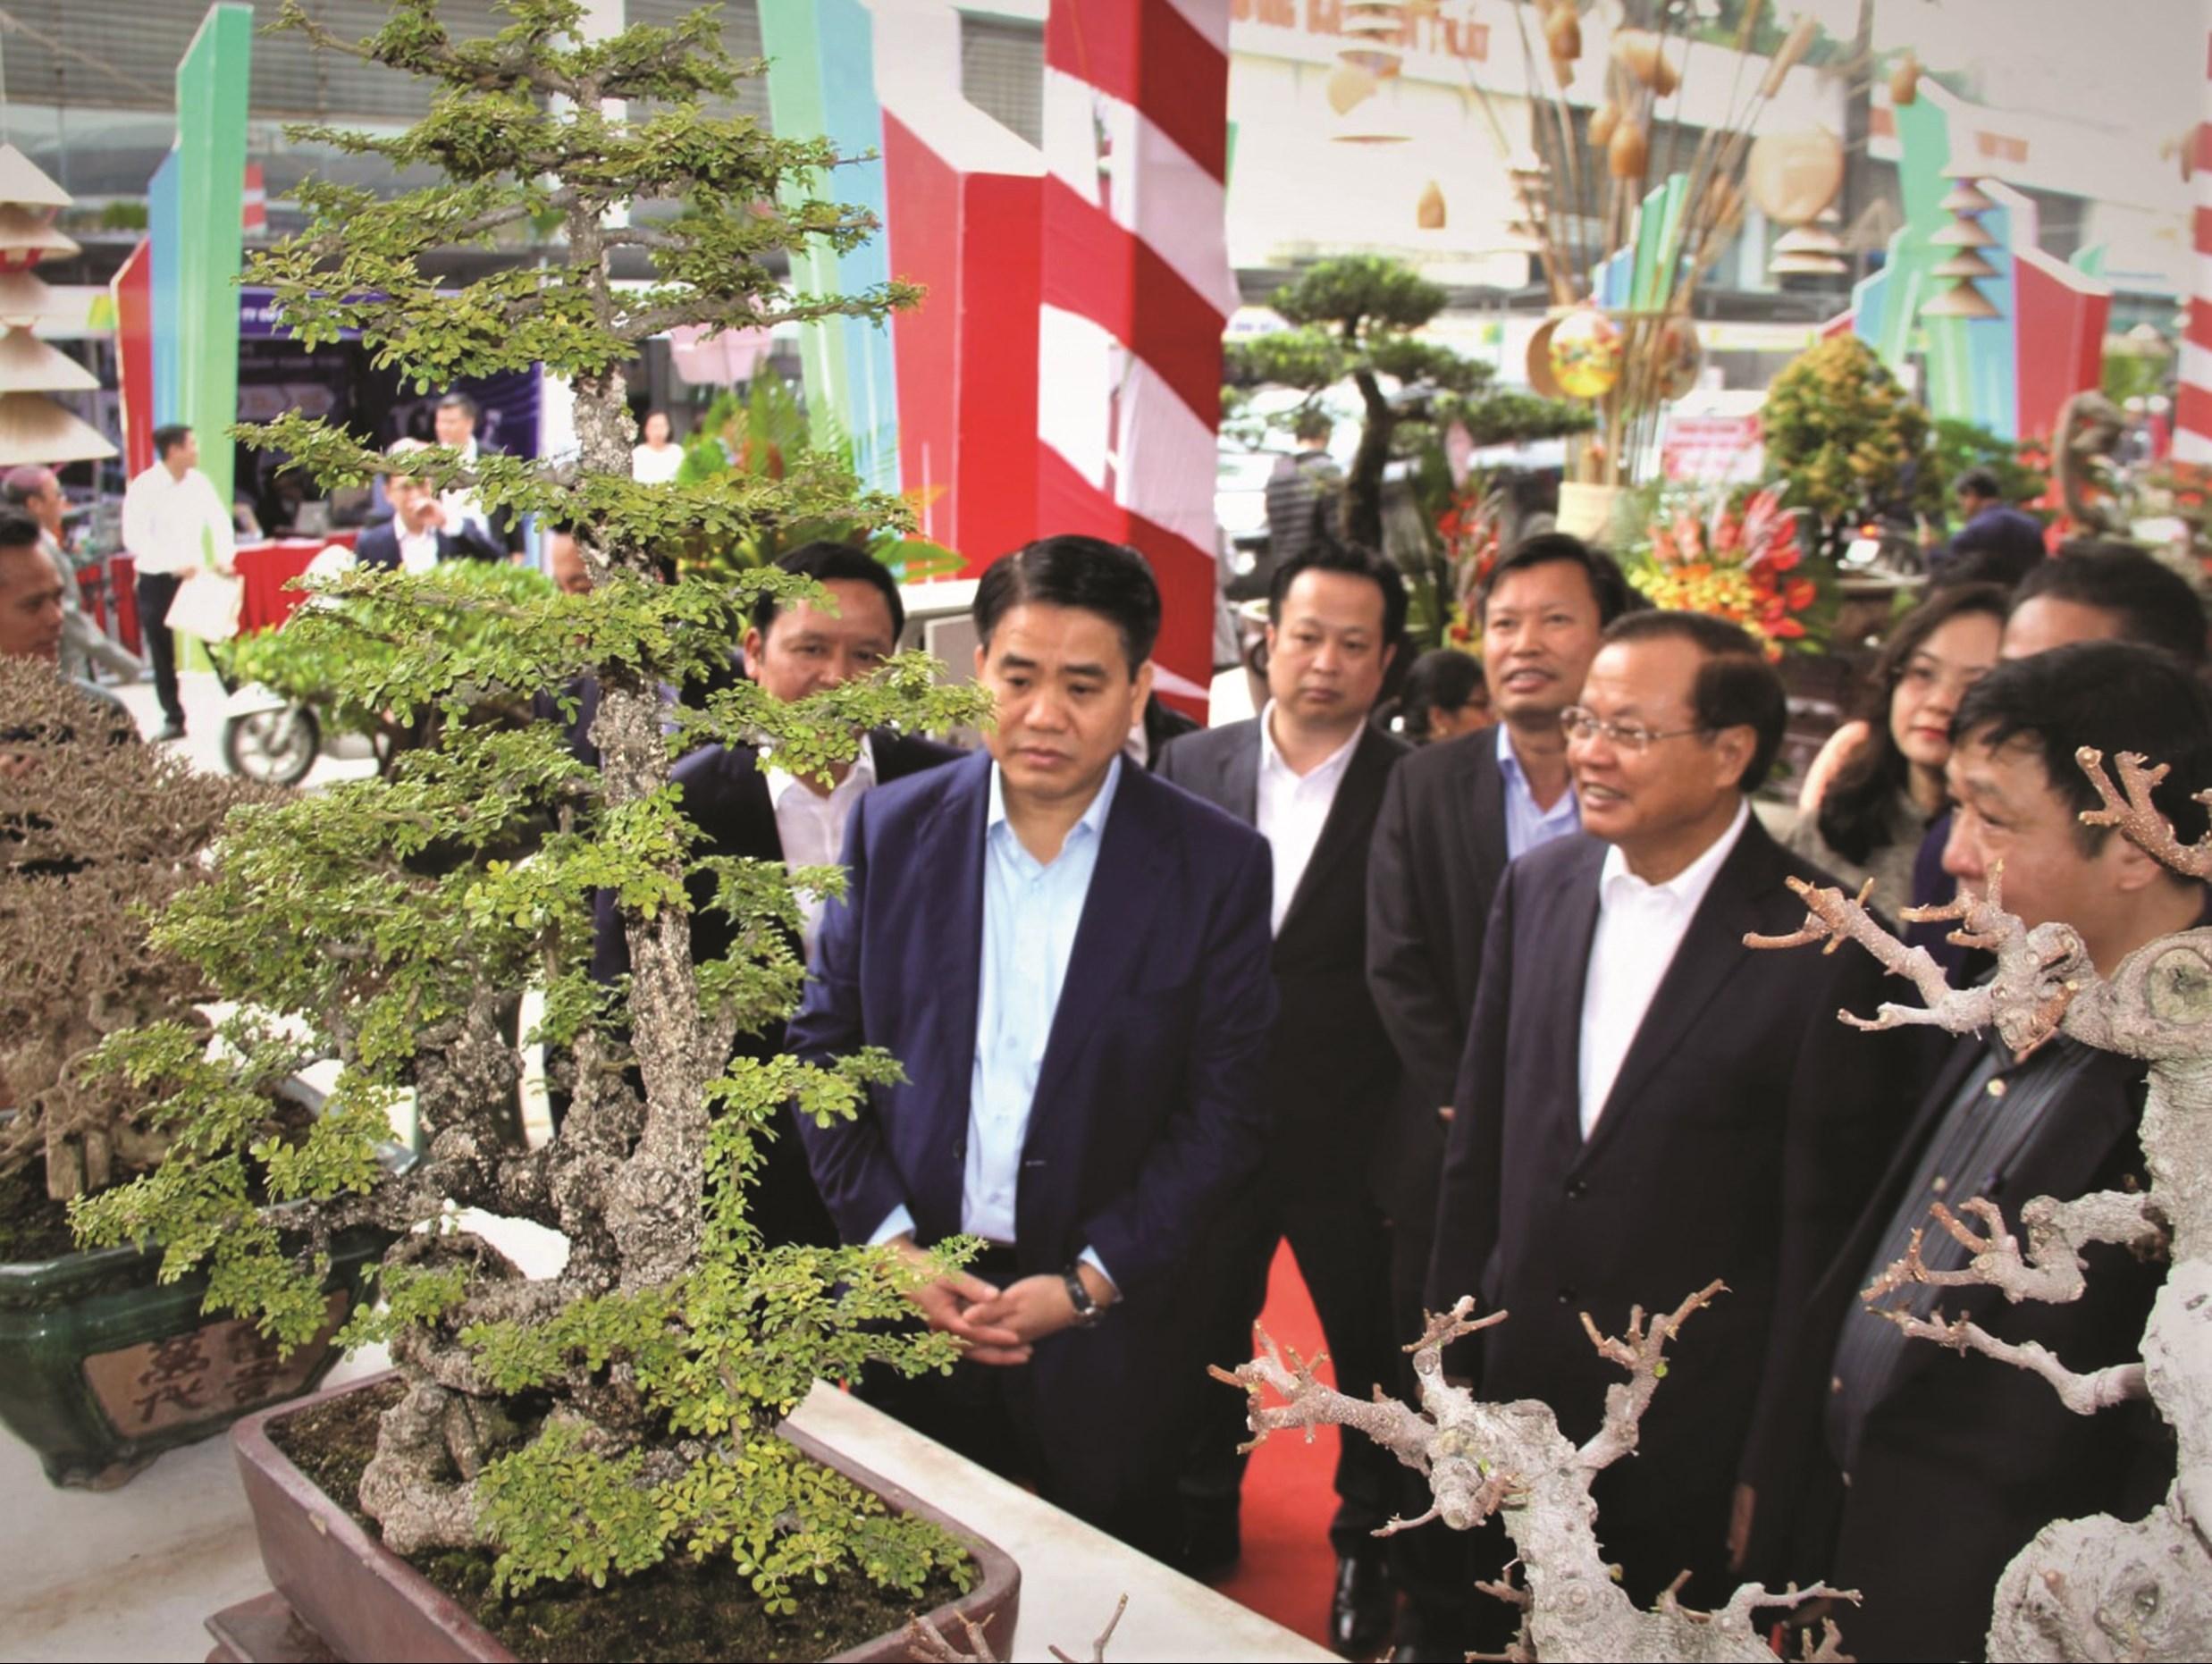 Lãnh đạo UBND TP. Hà Nội thăm quan gian trưng bày tại Festival Sản phẩm Nông nghiệp và Làng nghề Hà Nội lần thứ I năm 2019.